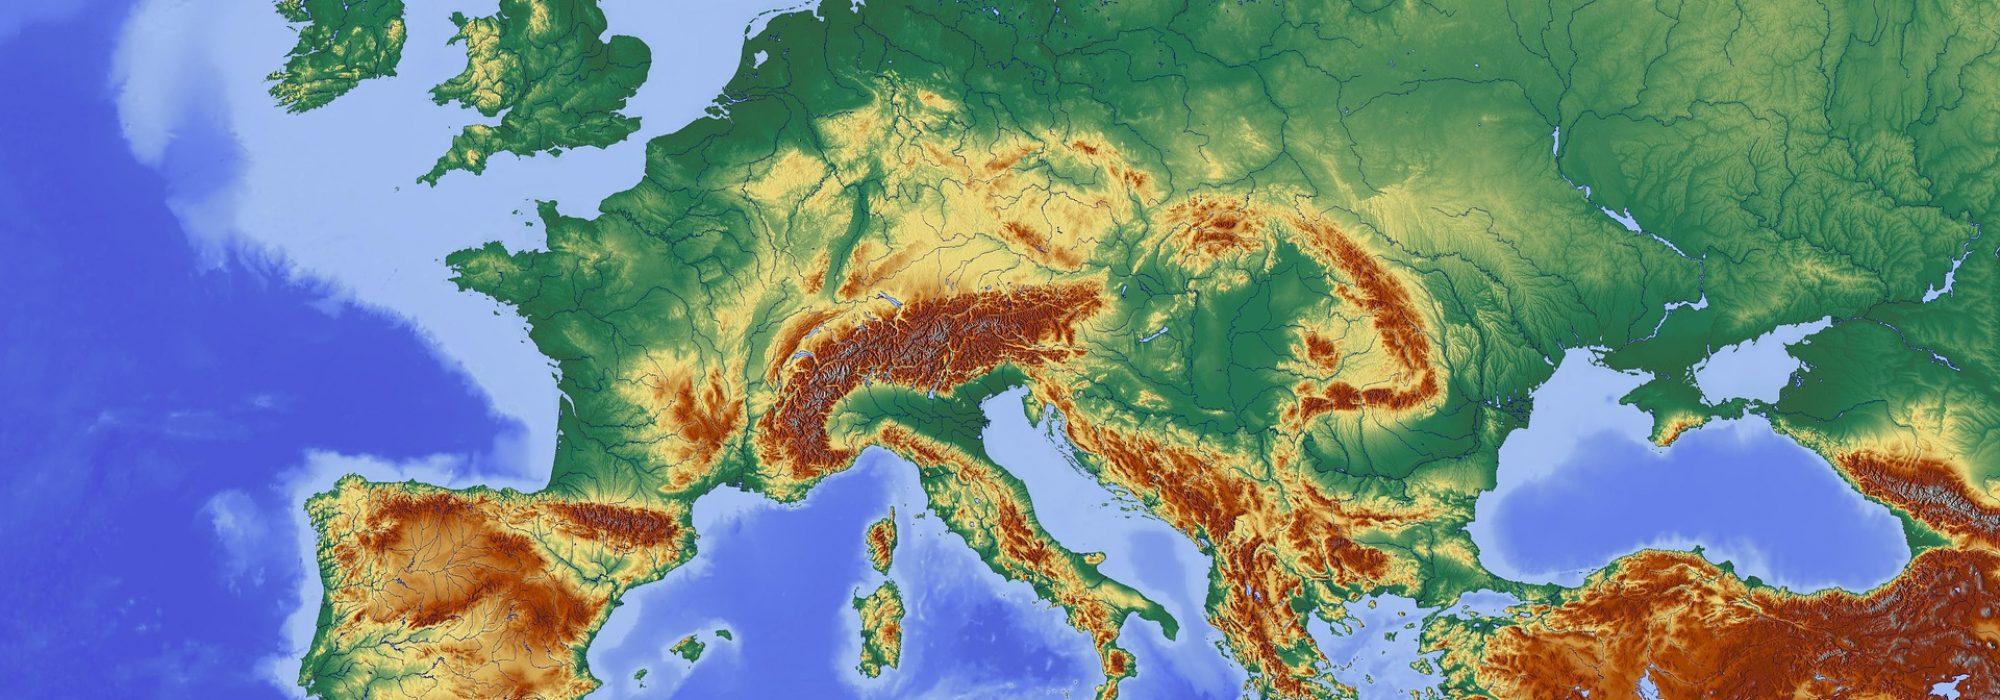 map-gceb4ae35c_1920